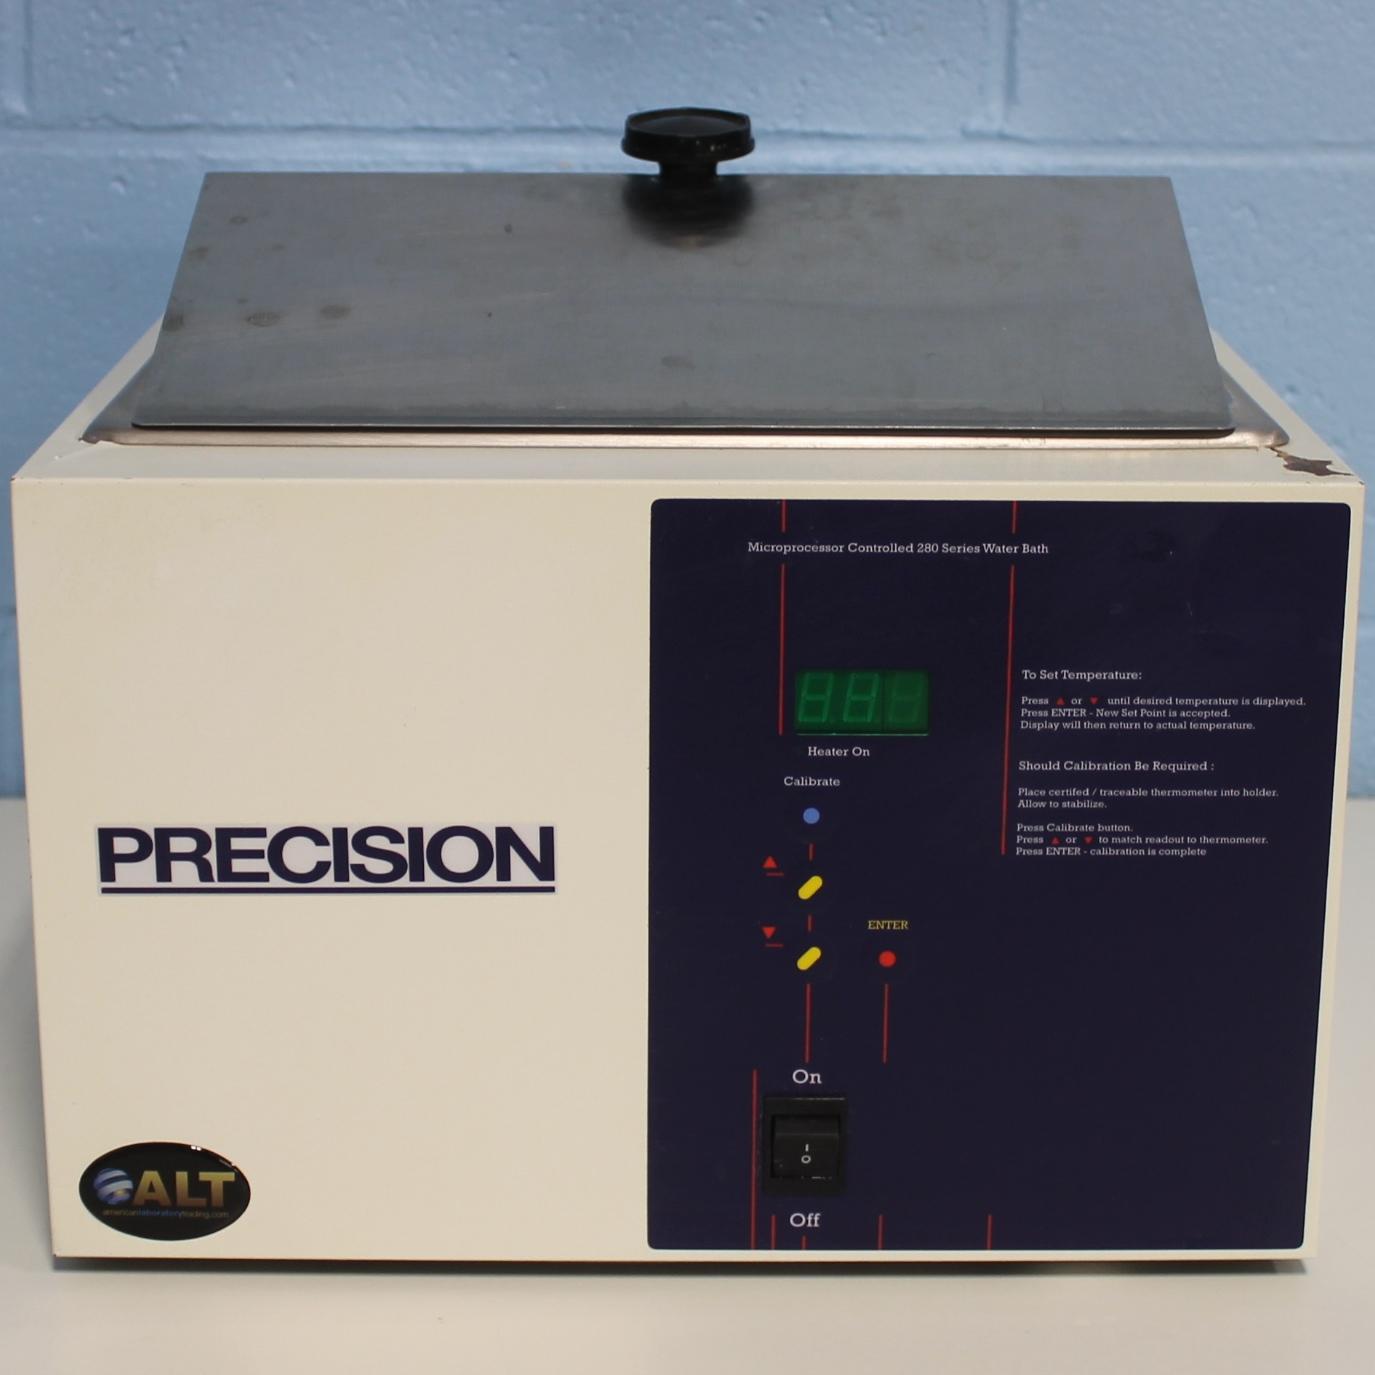 Thermo Scientific Precision Microprocessor Controlled 280 Series Water Bath Image